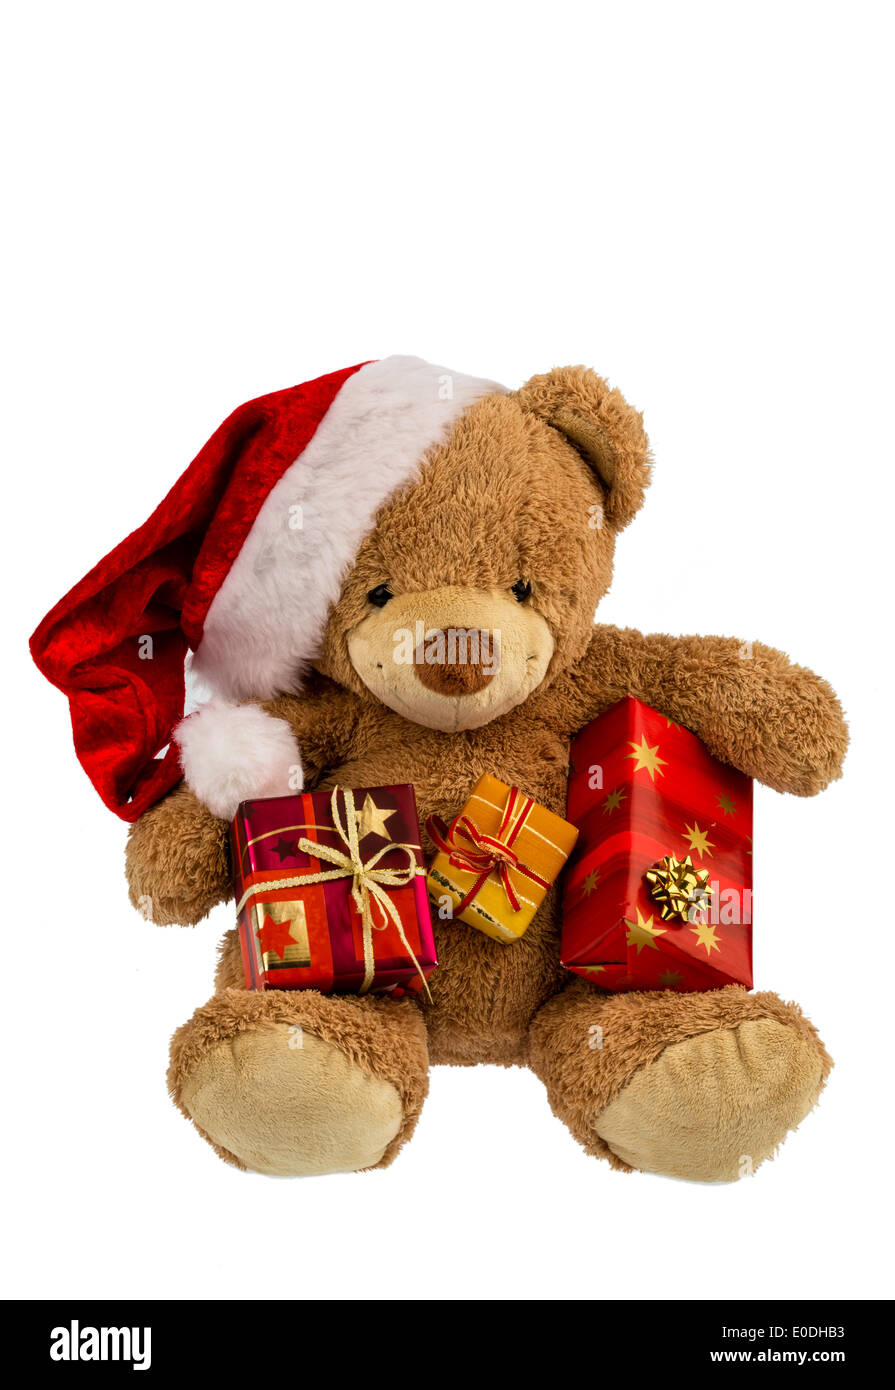 Un ours avec des présents à Noël. Quand le père Noël s'habille., mit Ein Teddybaer Geschenken zu Weihnachten. Als Weihnach Banque D'Images